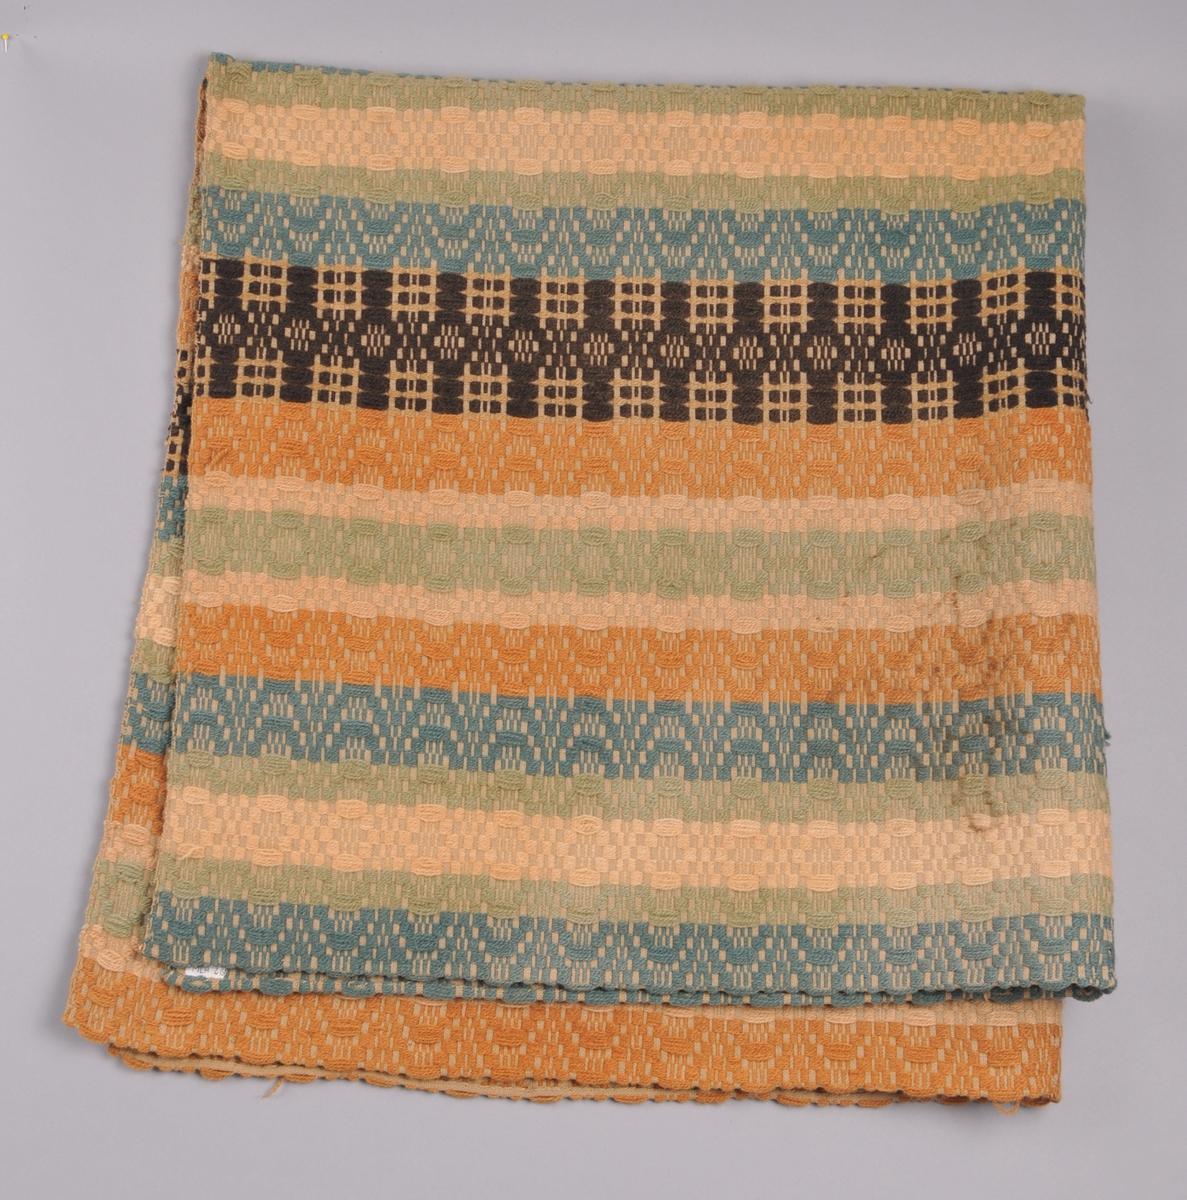 Teppe vevd i skilbragdteknikk, striper i ulike bredder og fargar. Botn av bomullsgarn (Java-binding) og innslag av Rauma strikkegarn i turkis, lysgrønt , beige, orange og brunsvart. To bordar er brunsvarte. Teppet er sett saman av to like breie høgder som er sydd saman  med maskin. Bretta dobbelt og falda med hand.